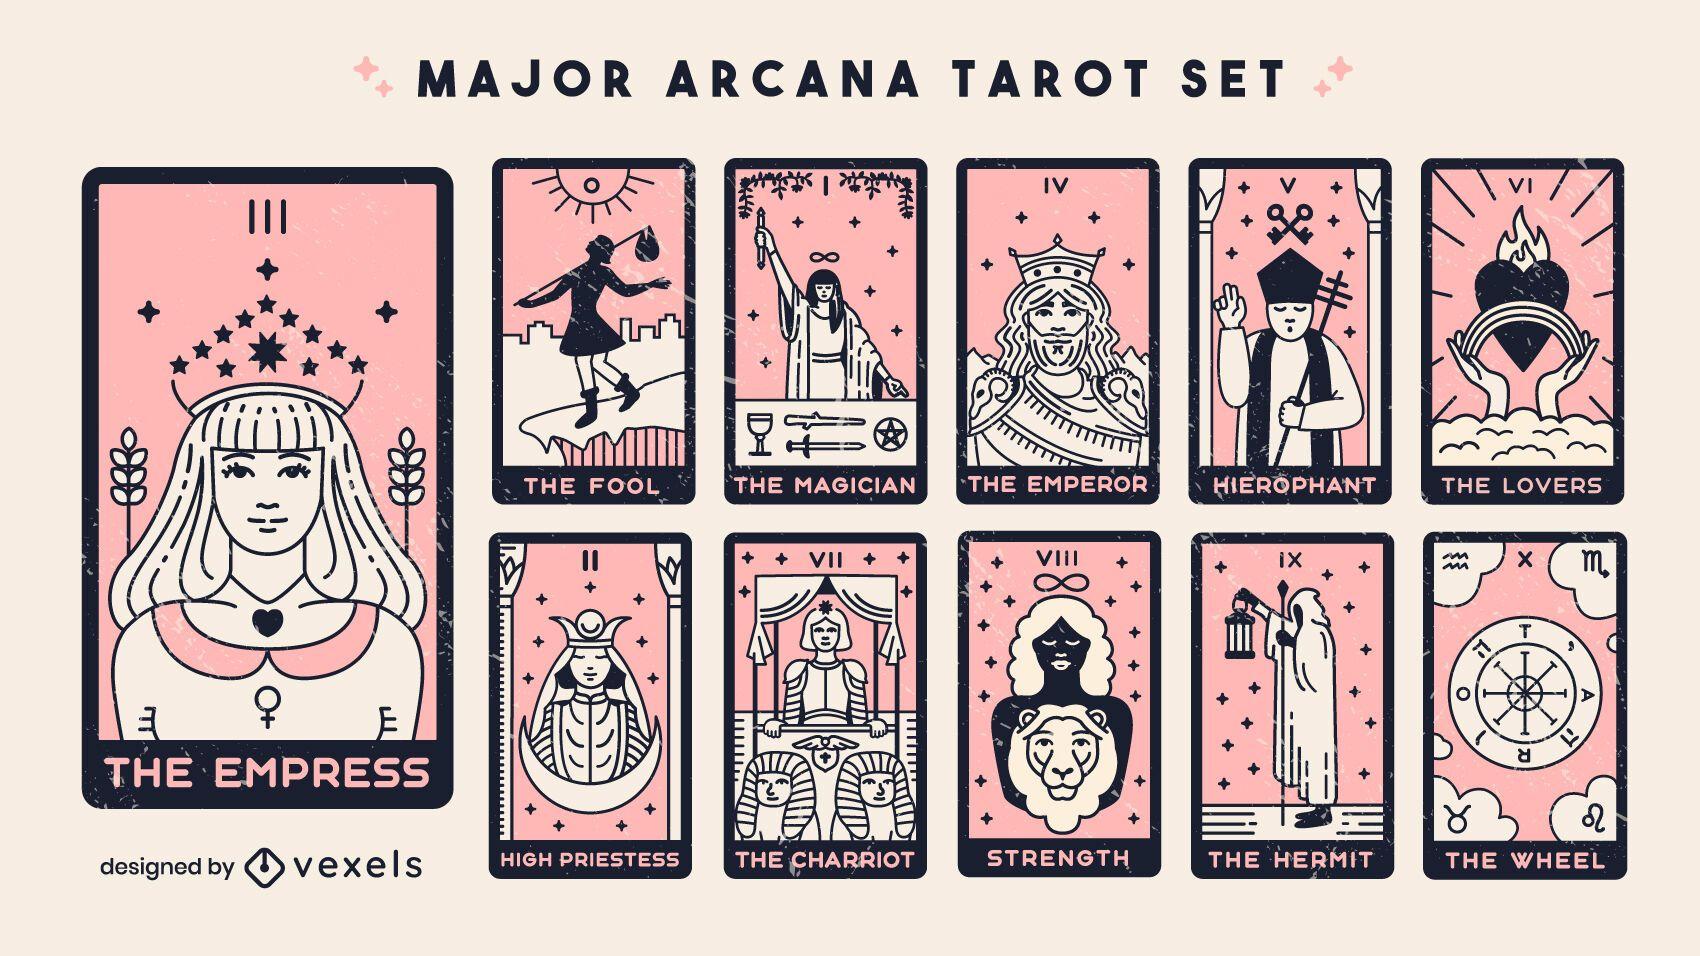 Conjunto de cartas de tarô arcanos principais